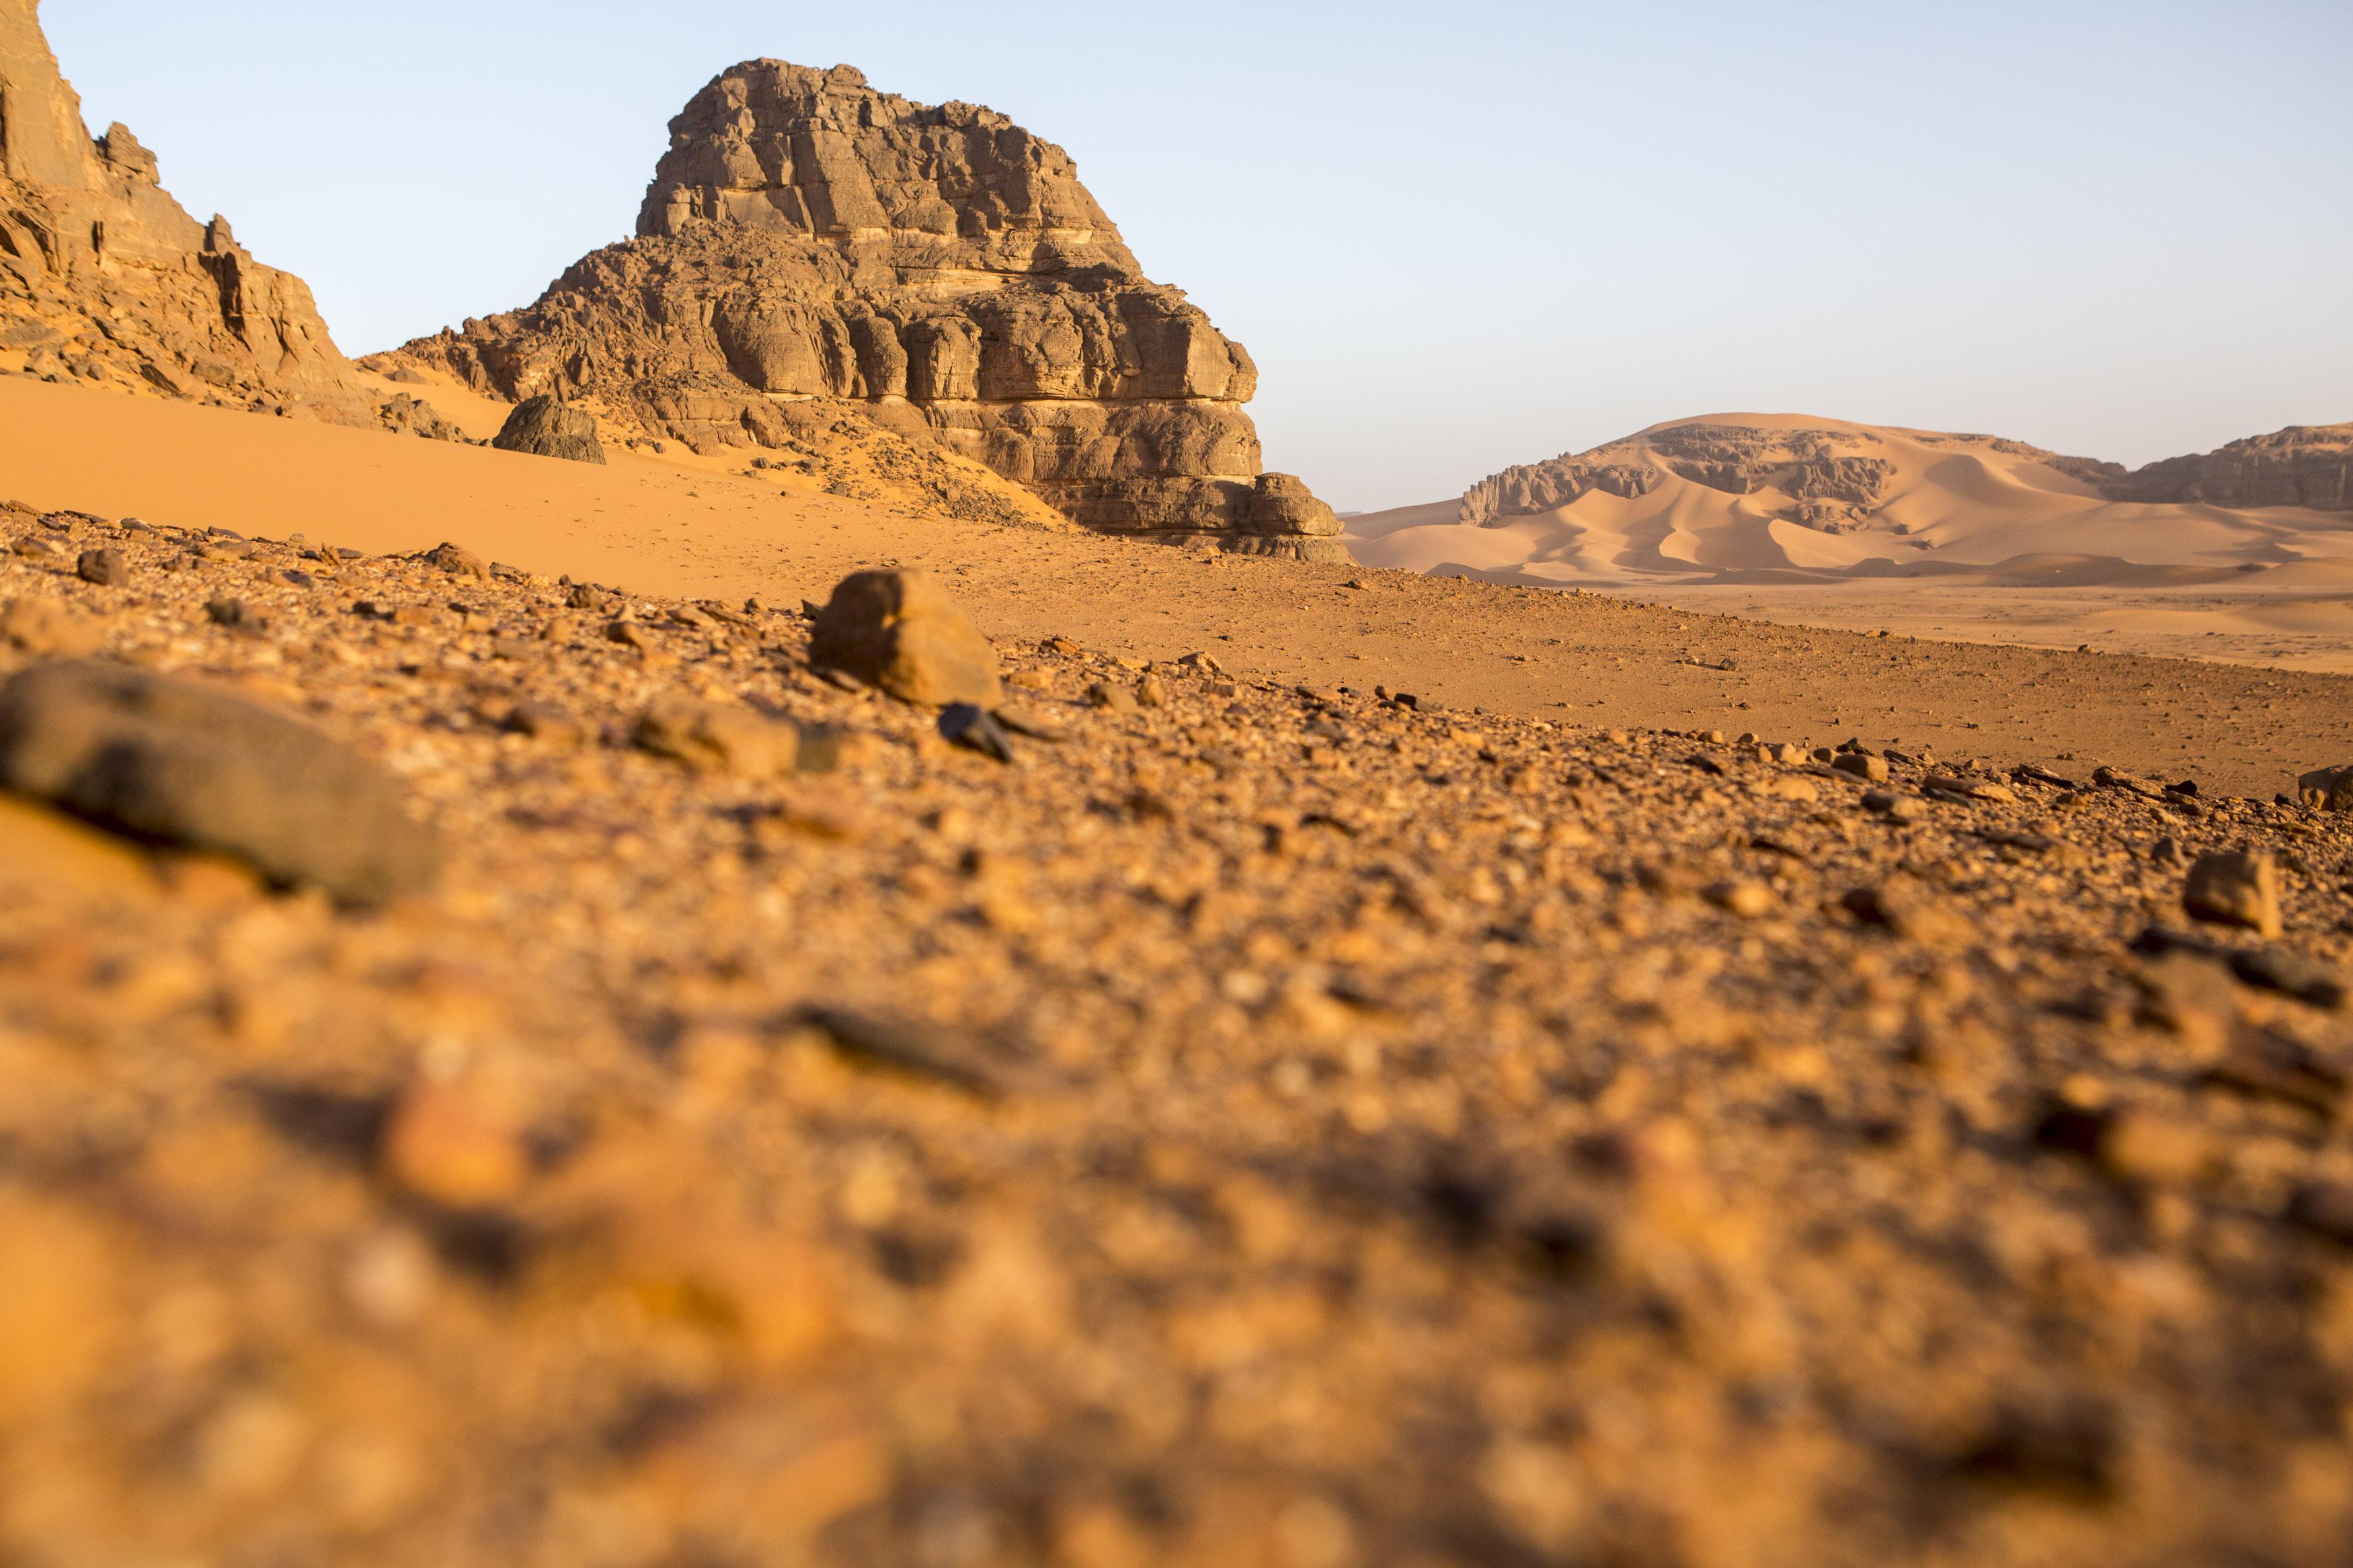 Sunrise in the Tadrart. The Tadrart (200 km southeast of Djanet) is located in the south of the Tassili N'Ajjer National Park and is part of one of the most beautiful deserts in the world but above all in the central Sahara.From huge canyons to cliffs carved with rocky peaks of various shapes mix with dunes of colored sand with yellow and red reflections. La Tadrart, Algeria-February 7, 2017.Lever de soleil dans la Tadrart. La Tadrart (200 km au sud-est de Djanet) se situe dans le sud du Parc National du Tassili N'Ajjer et il fait partie d'un des plus beau désert au monde mais avant tout du Sahara central. D'immenses canyons aux falaises sculptées avec de pitons rocheux aux formes les plus diverses  se mélangent avec des dunes de sable coloré aux reflets jaune et rouge. La Tadrart, Algérie-7 février 2017.